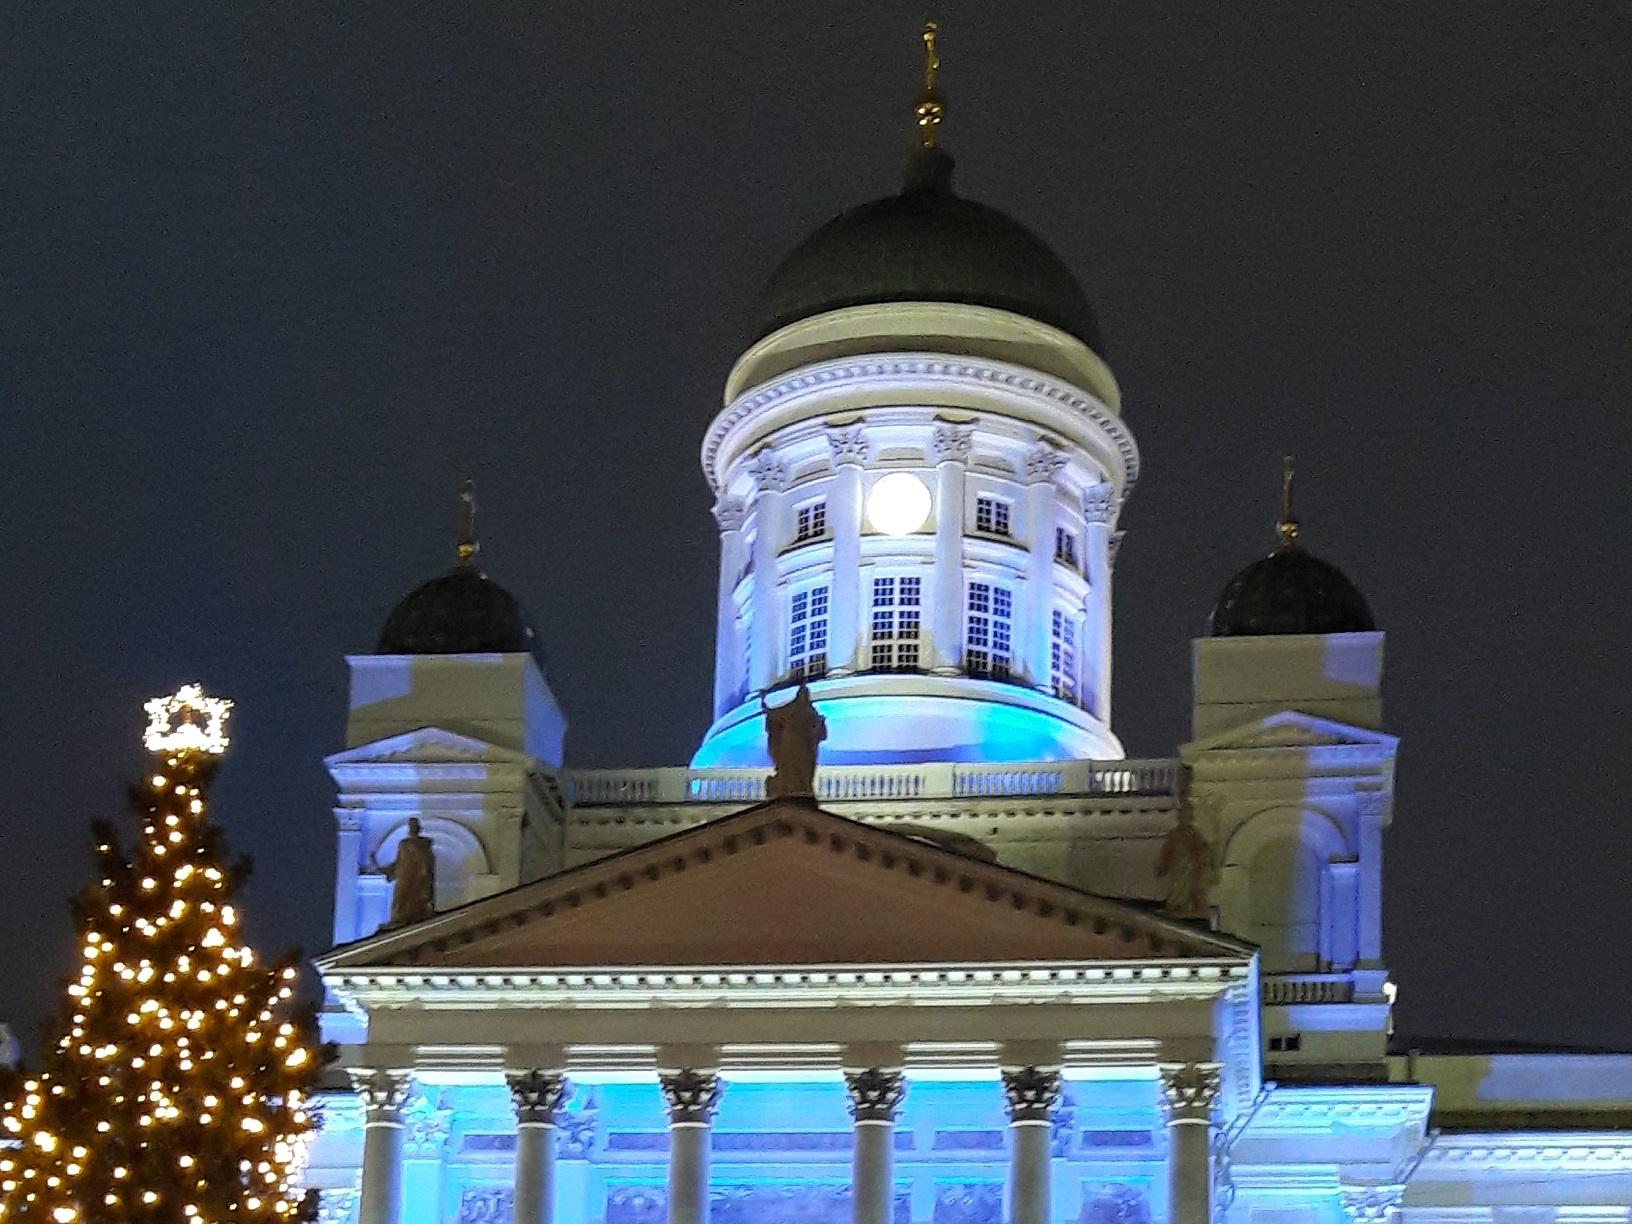 Abendliche Winterstimmung am Dom von Helsinki